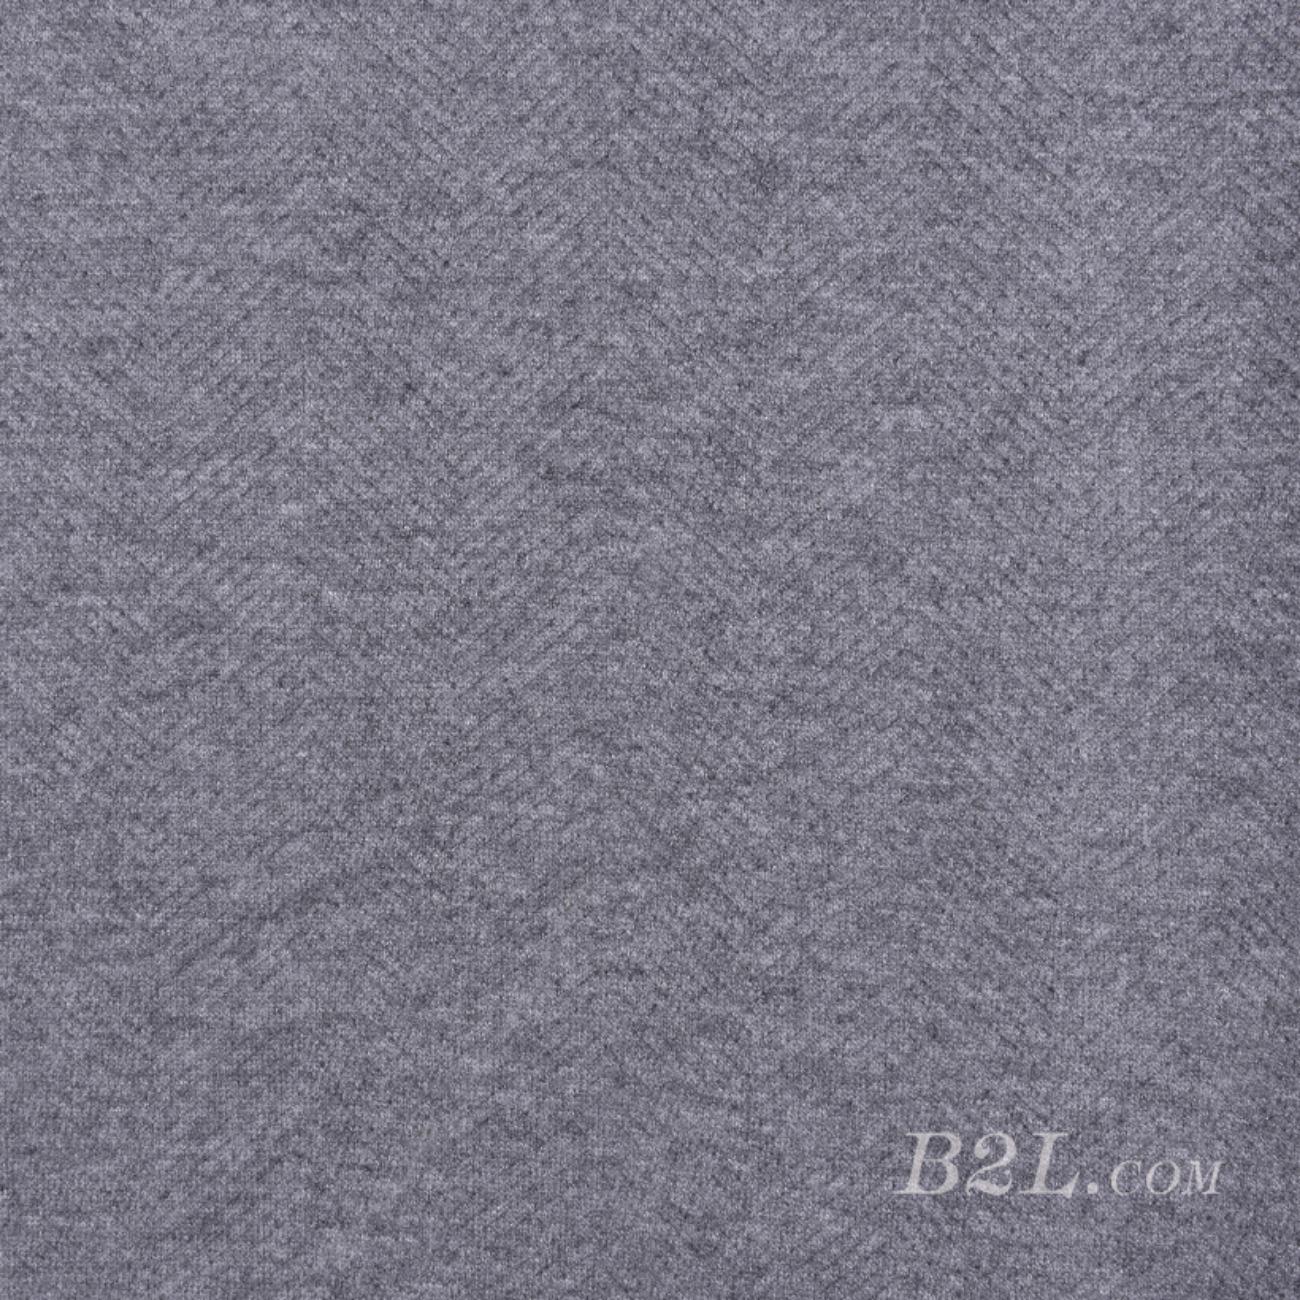 针织染色人字纹羊绒毛纺面料-春秋冬外套裤装大衣面料Z762